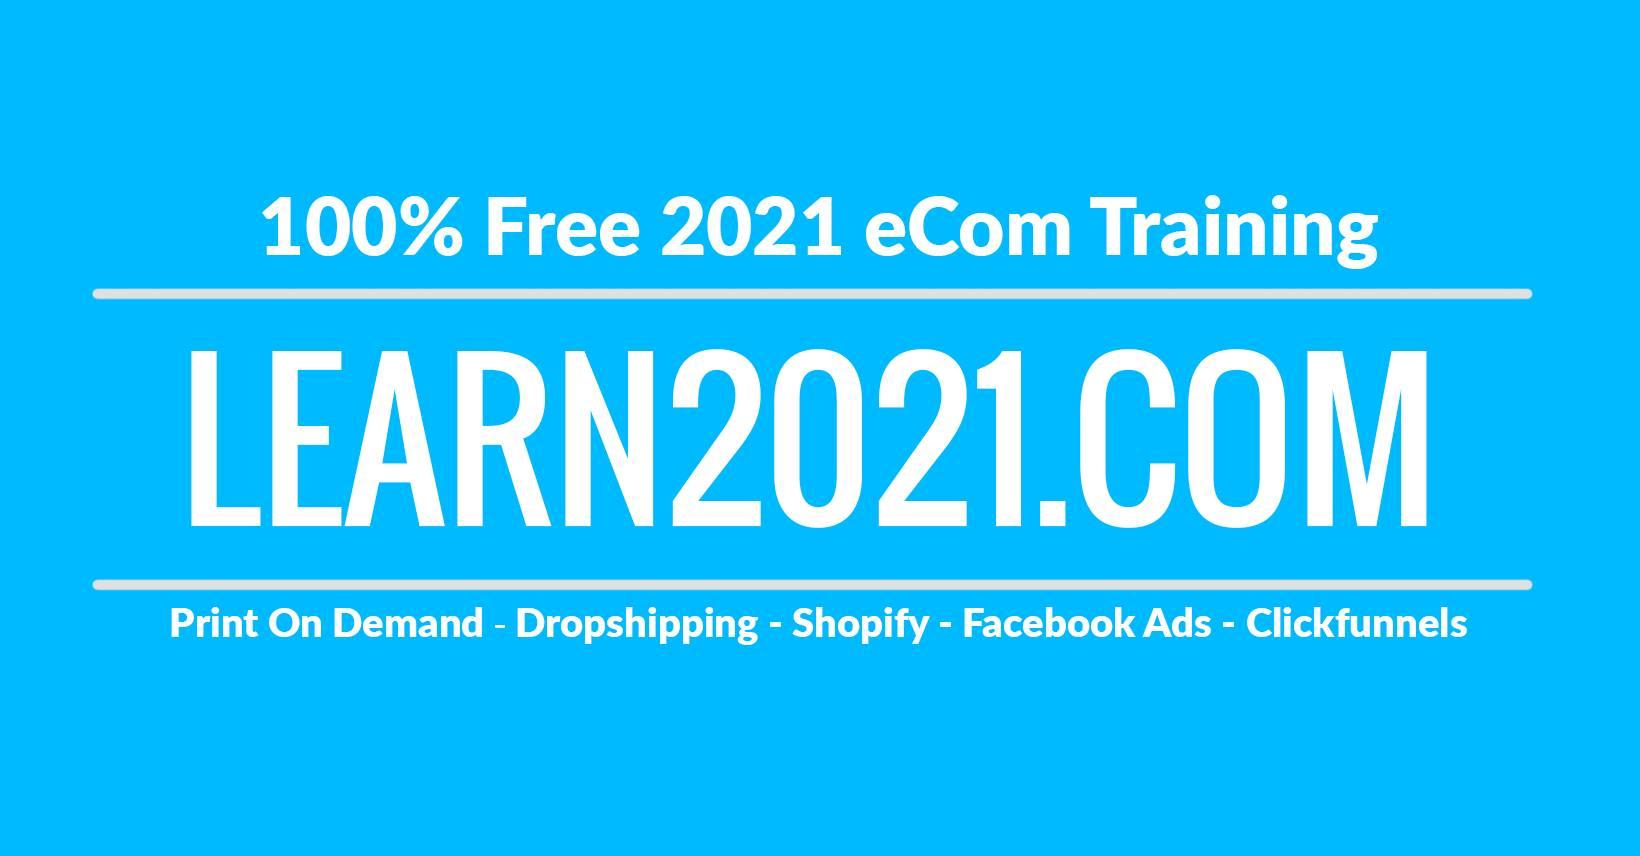 Cener Ecommerce Mastermind- eCommerce Facebook Groups 2021